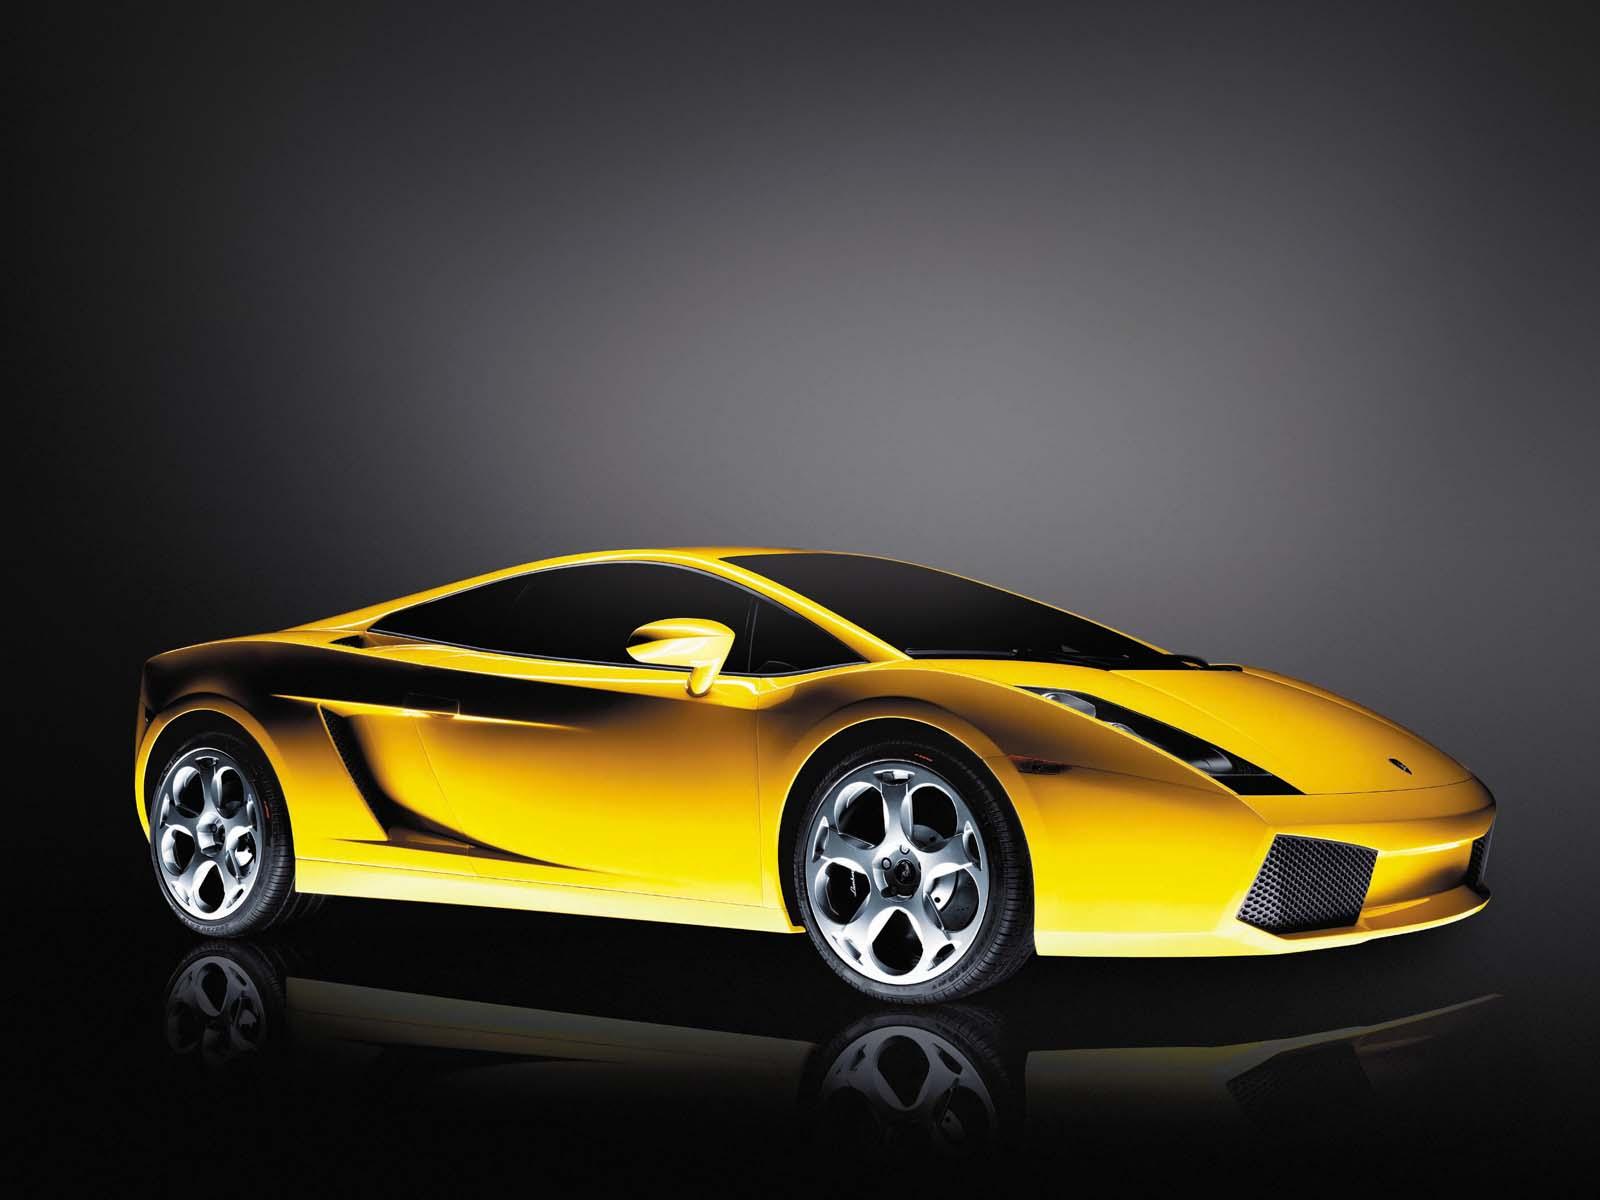 Wallpapers Of Lamborghini Car Wallpapersafari